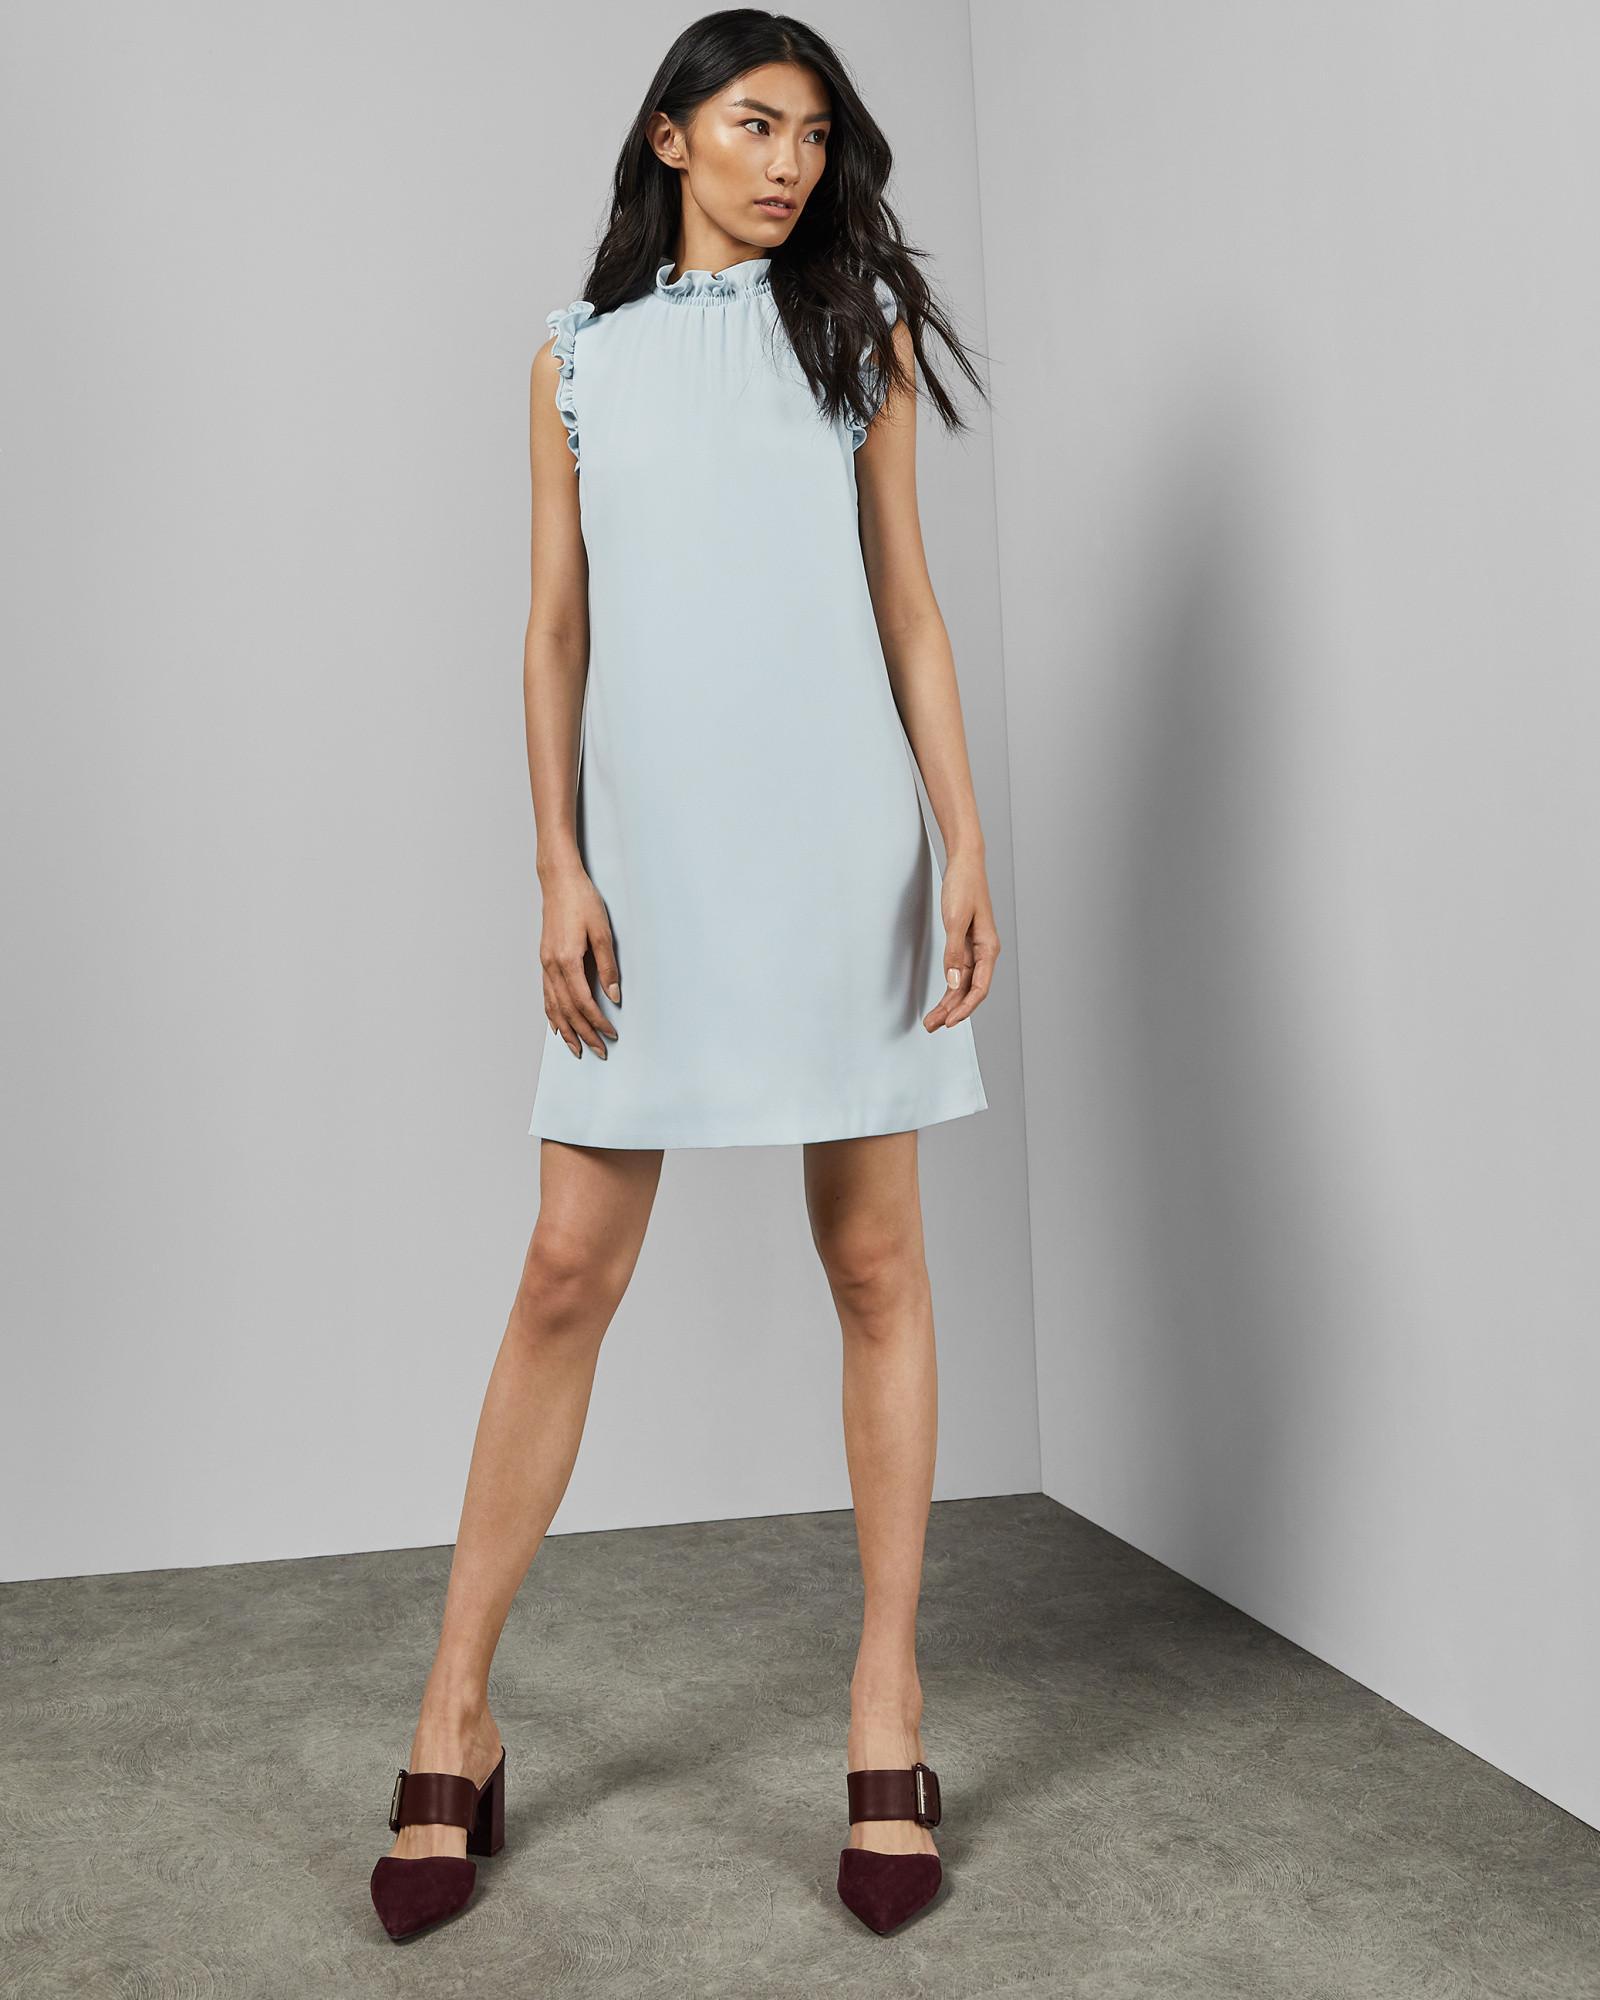 30b6e6cd6660 Ted Baker - Blue Lalyand Ruffled Dress - Lyst. View fullscreen